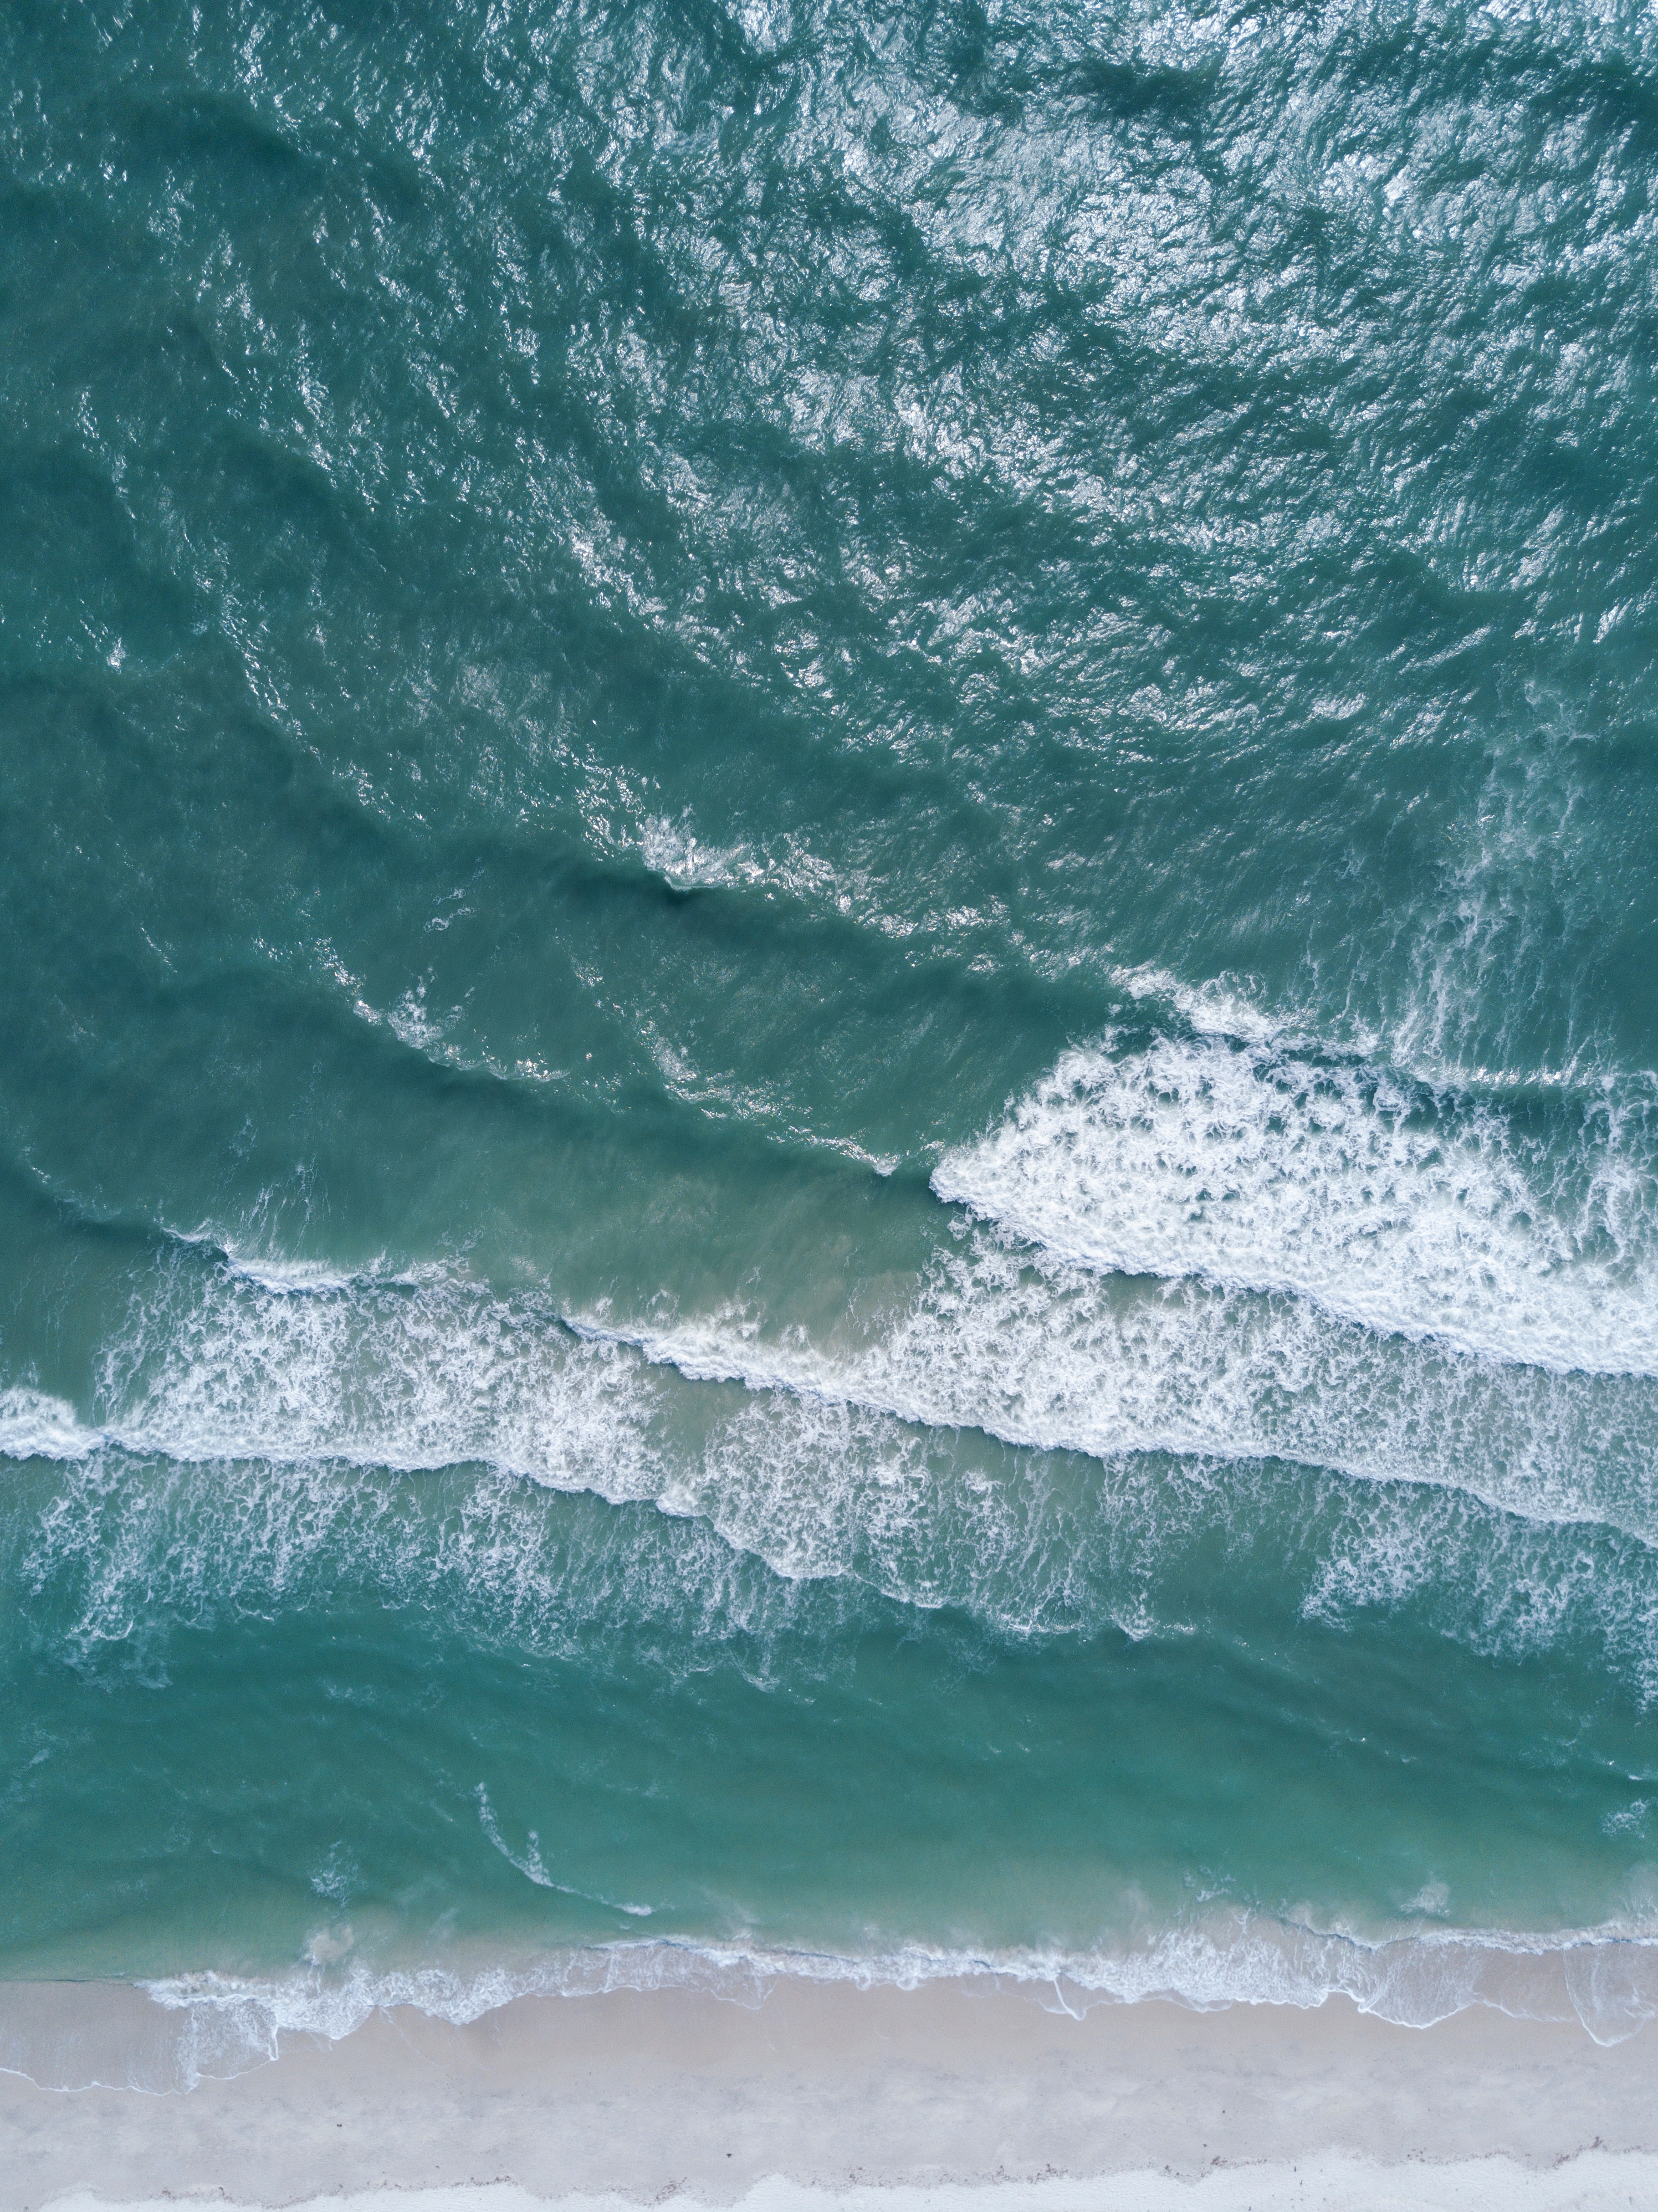 Photography Of Waves Crashing · Free Stock Photo